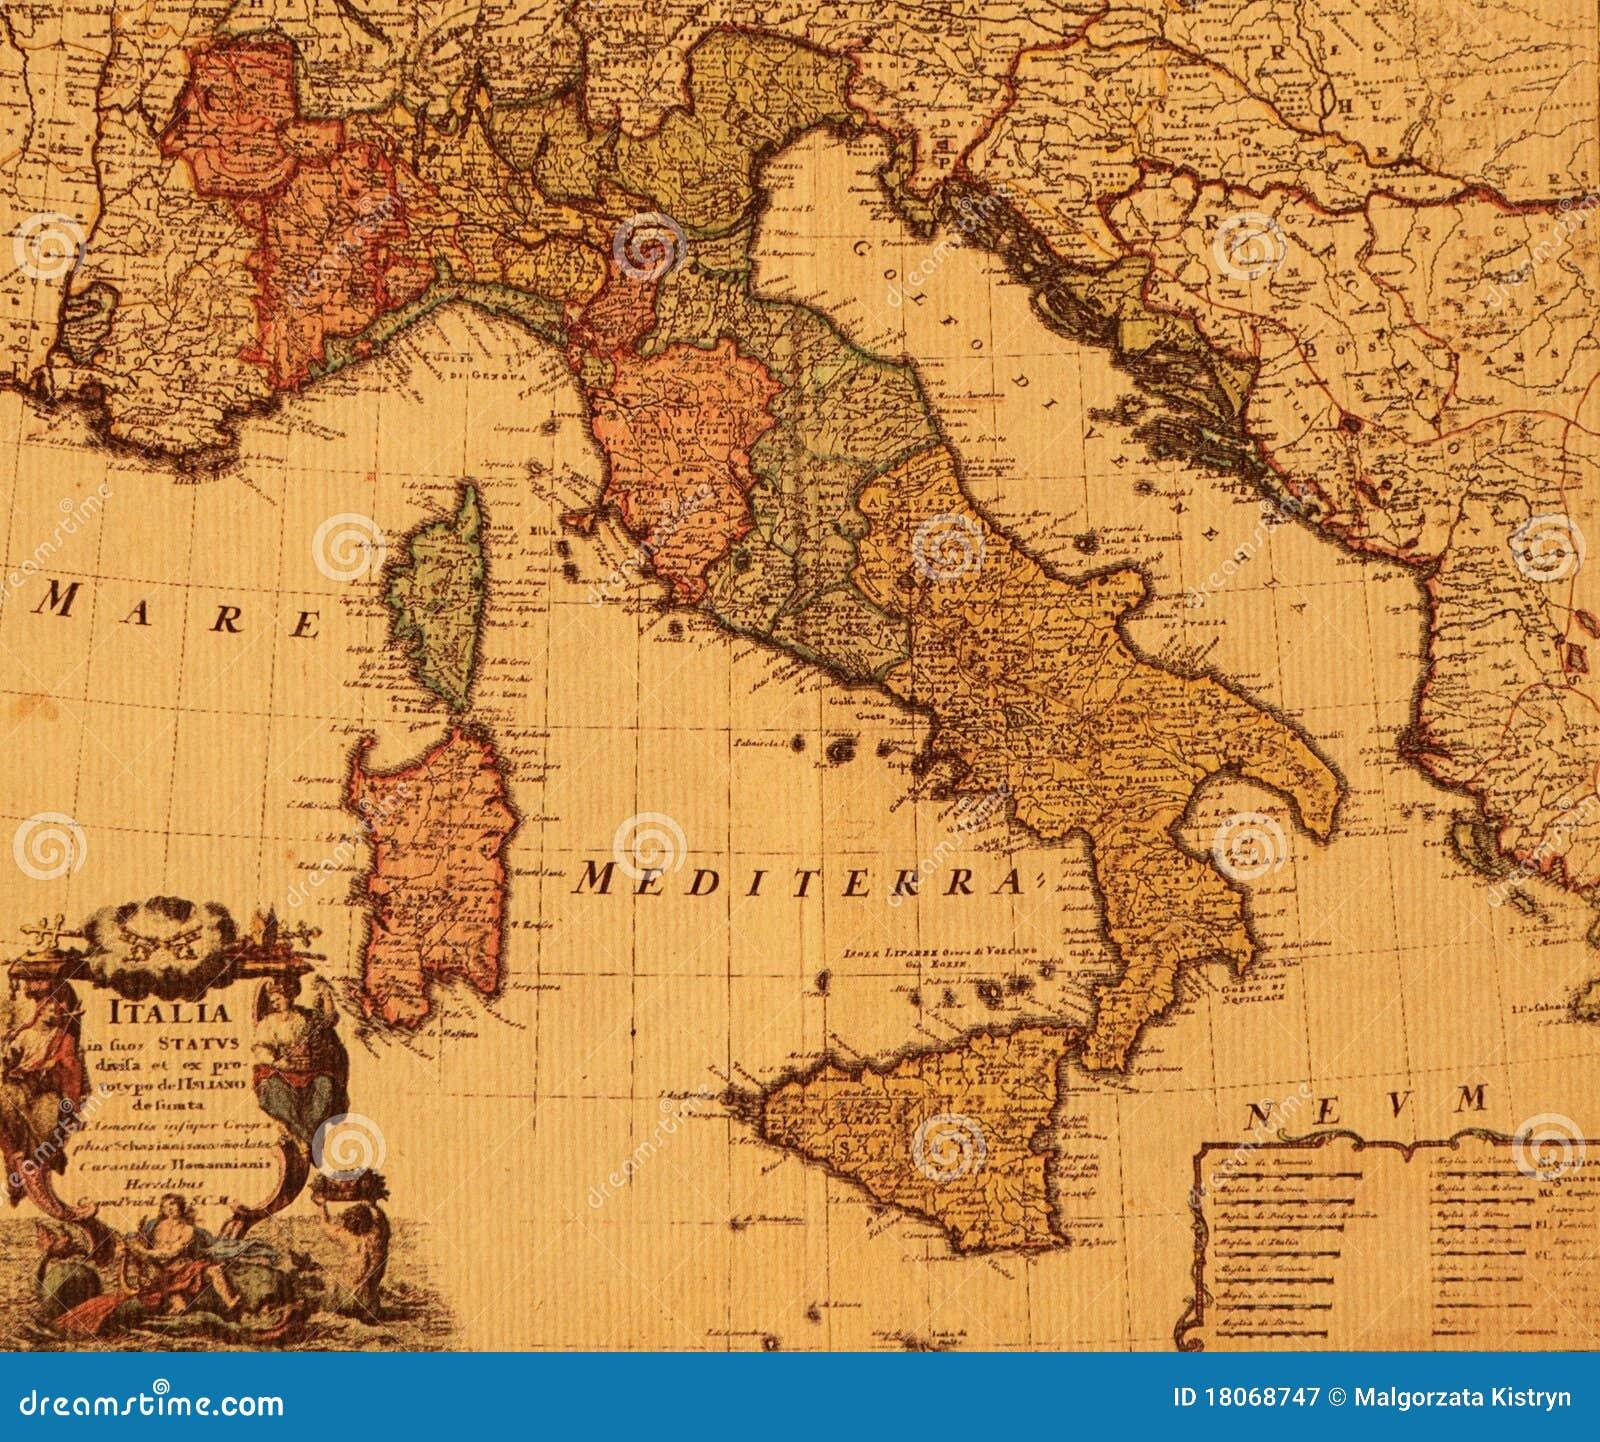 Norditalien Karte.Antike Karte Von Italien Stockbild Bild Von Kunst